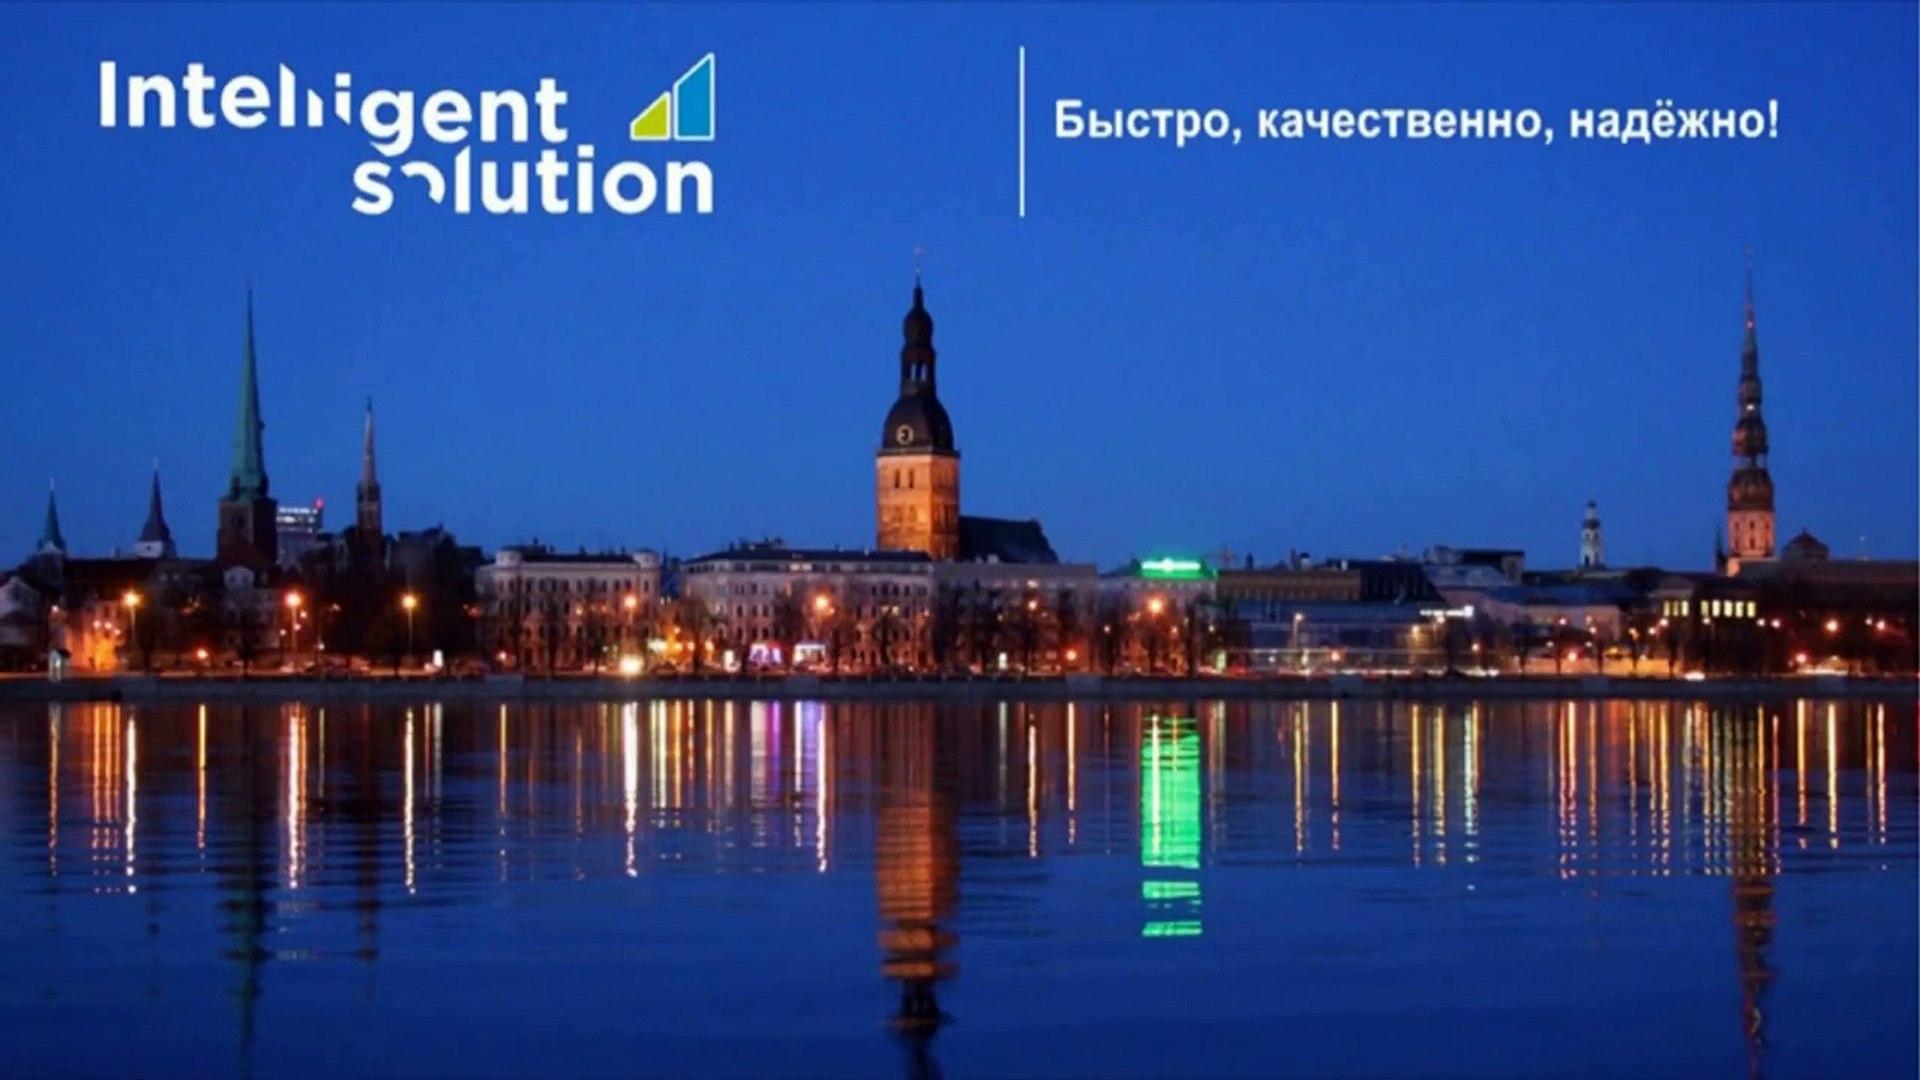 Выбираем банк в Чехии: авторитет против молодости. Intelligent Solution Group.